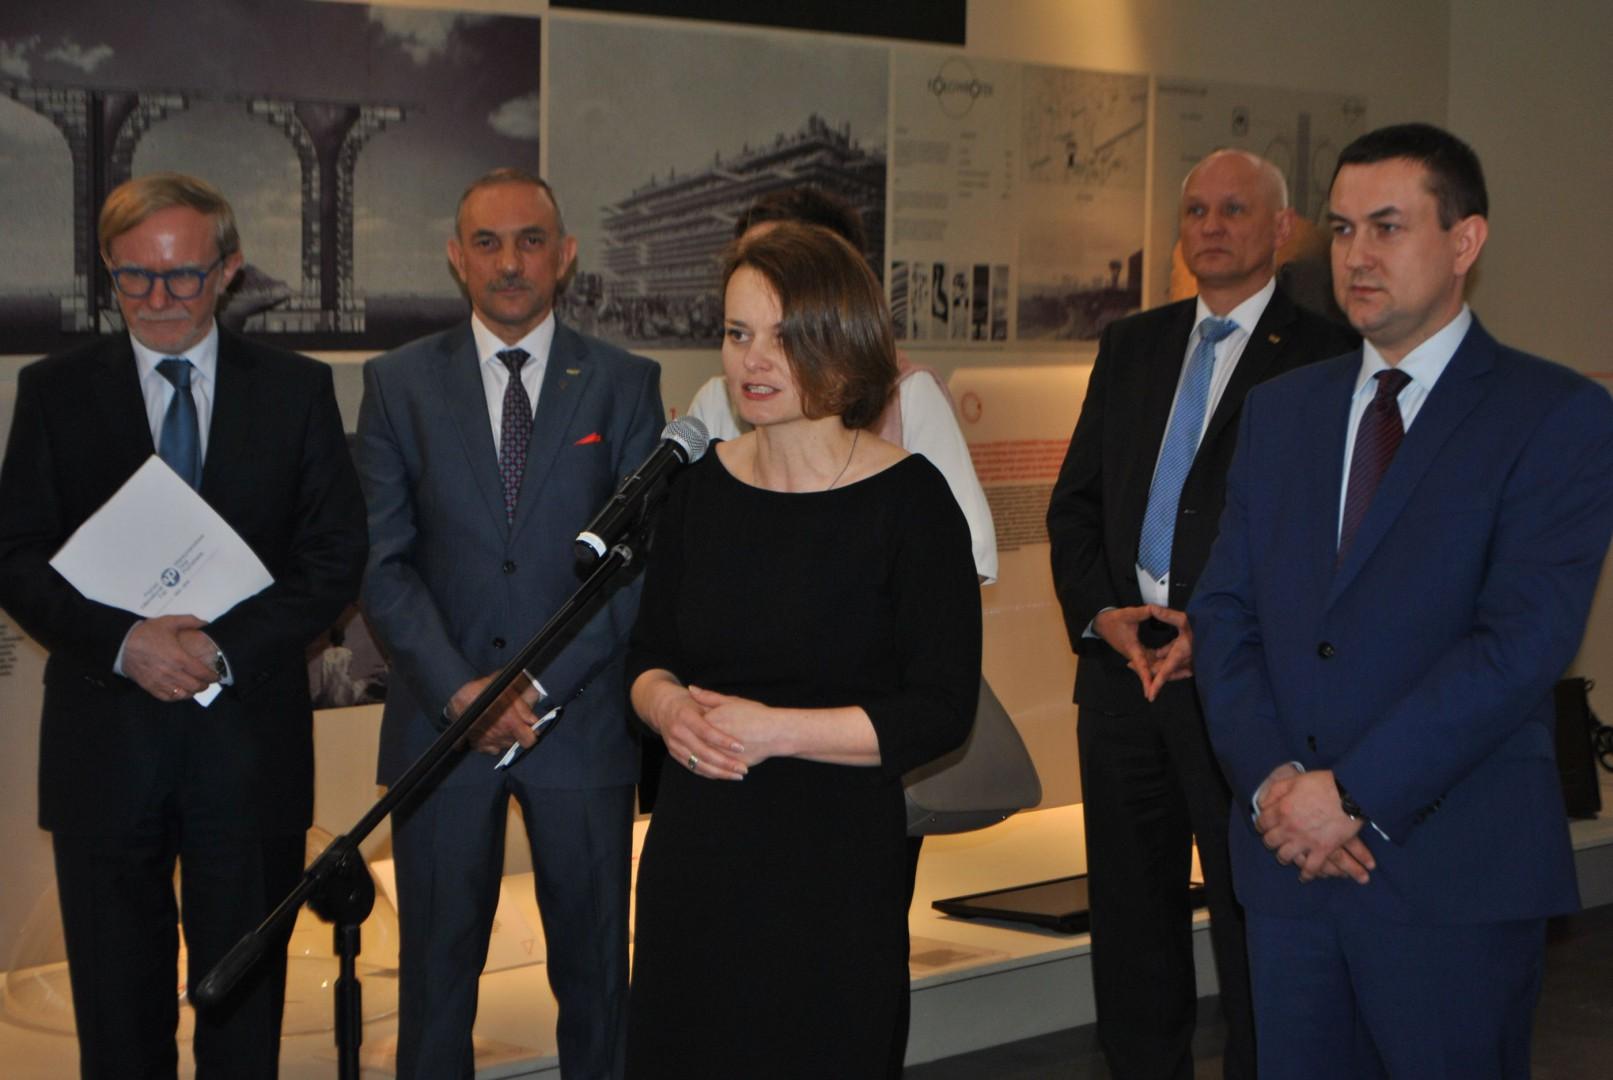 Jadwiga Emilewicz, podsekretarz stanu w Ministerstwie Rozwoju. Fot. Mariusz Golak